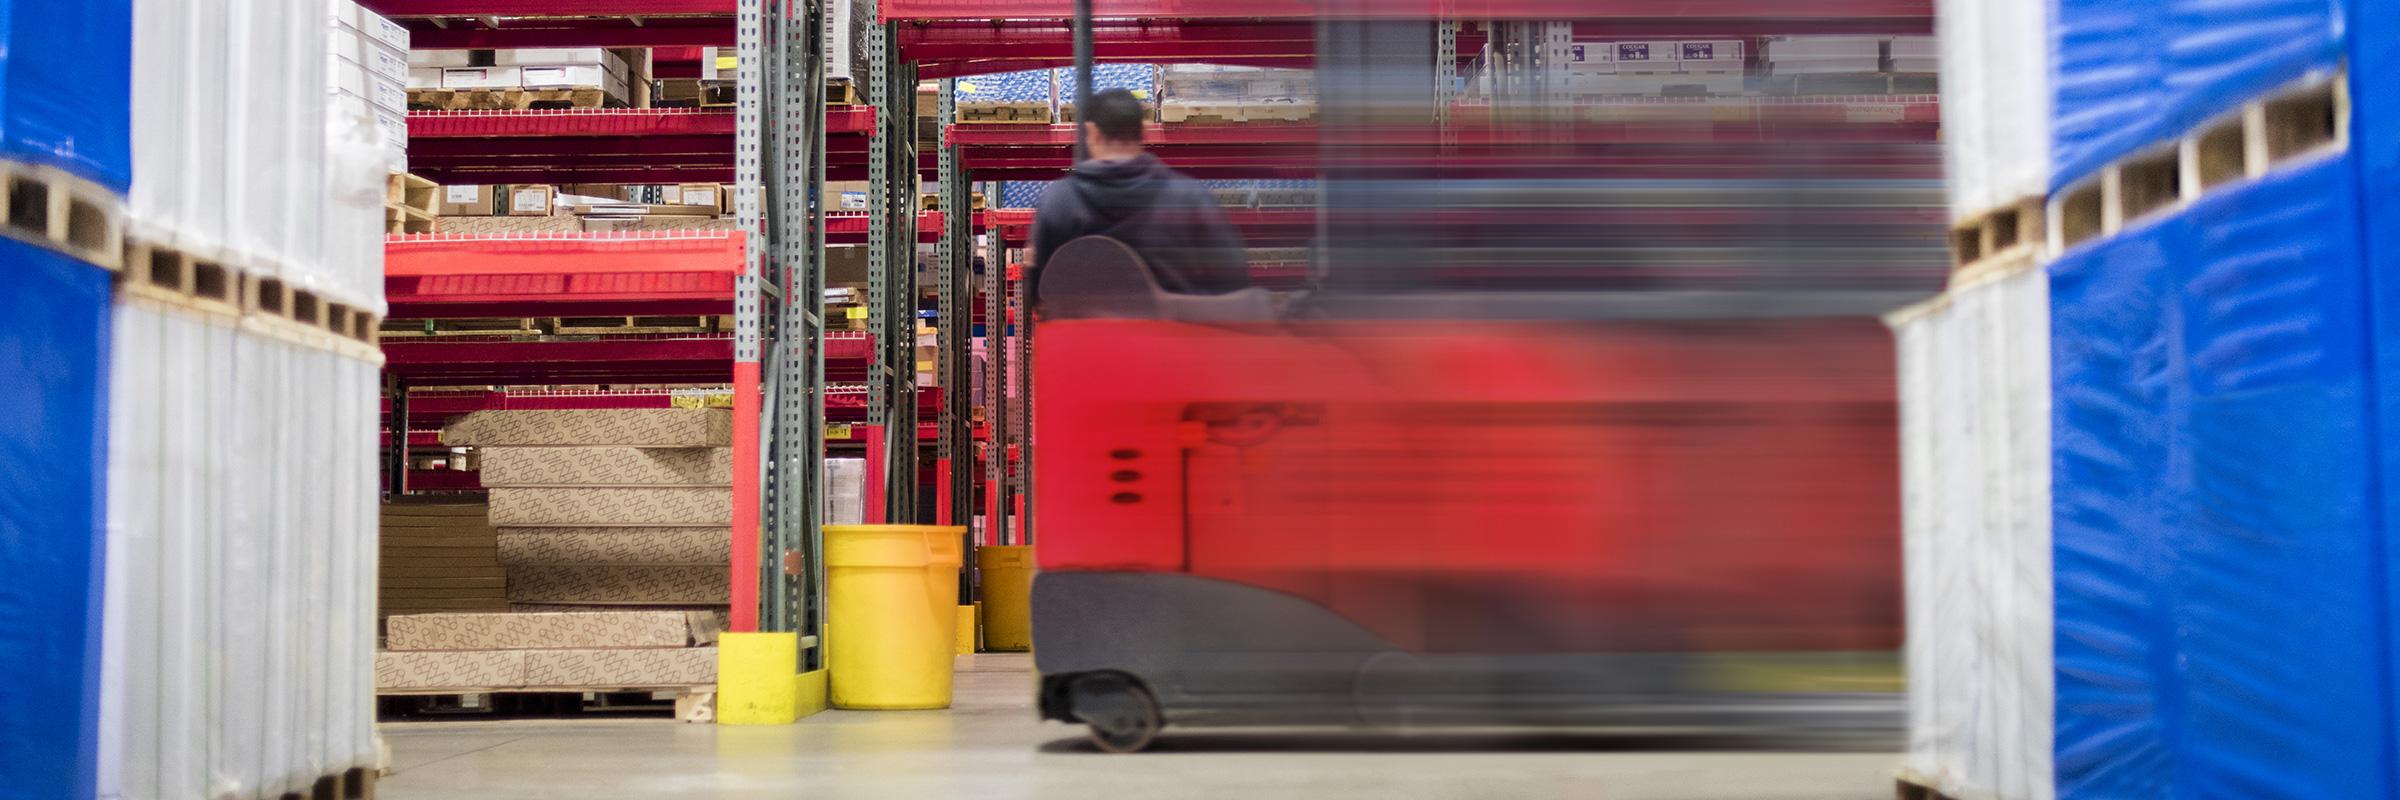 lift-truck-new-01